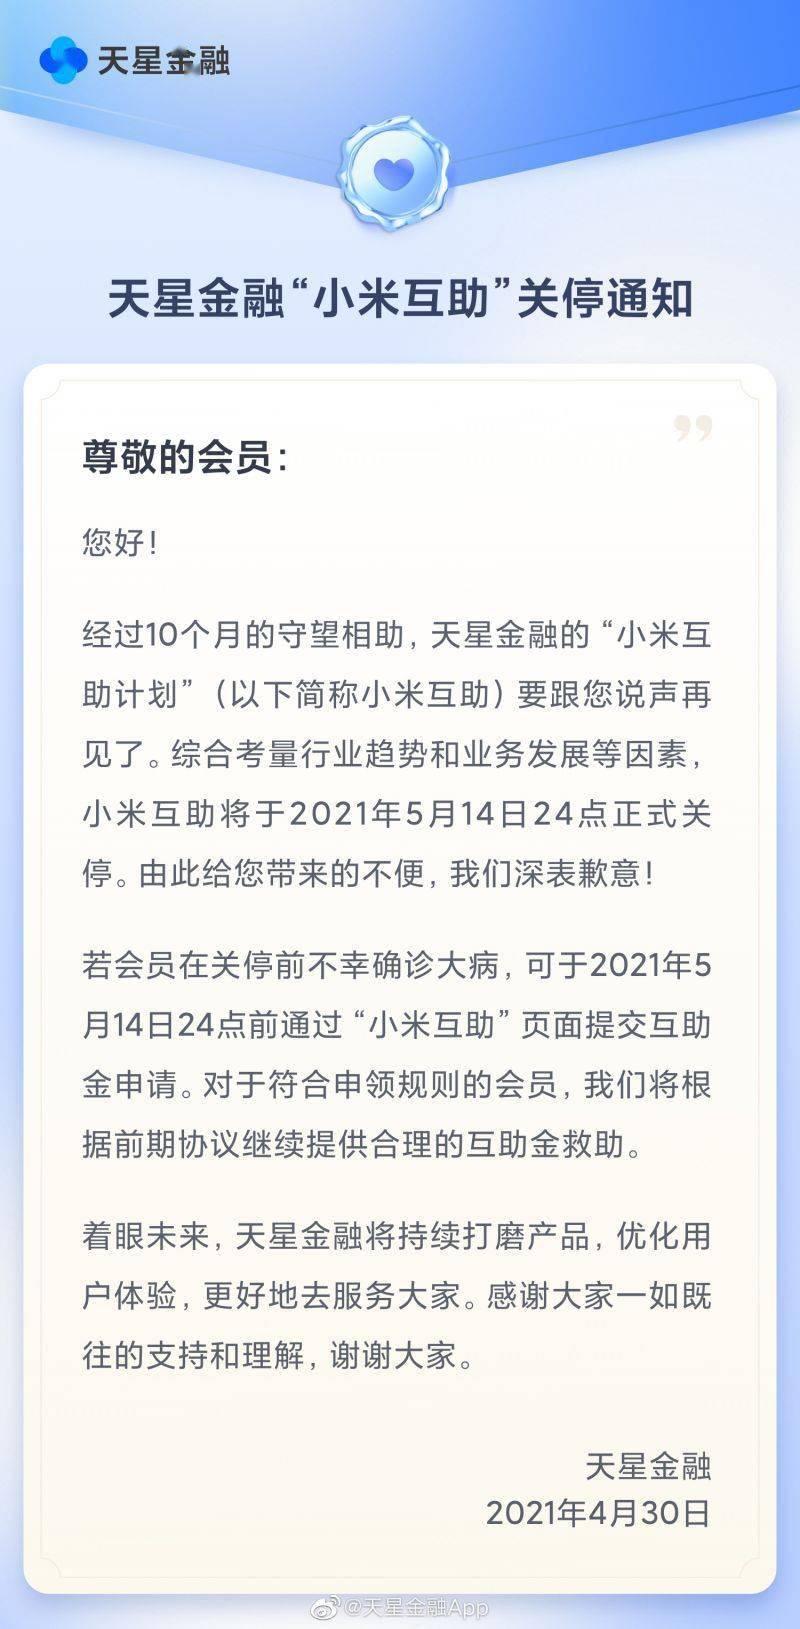 网络互助进入瓶颈期?小米互助将于5月14日正式关停